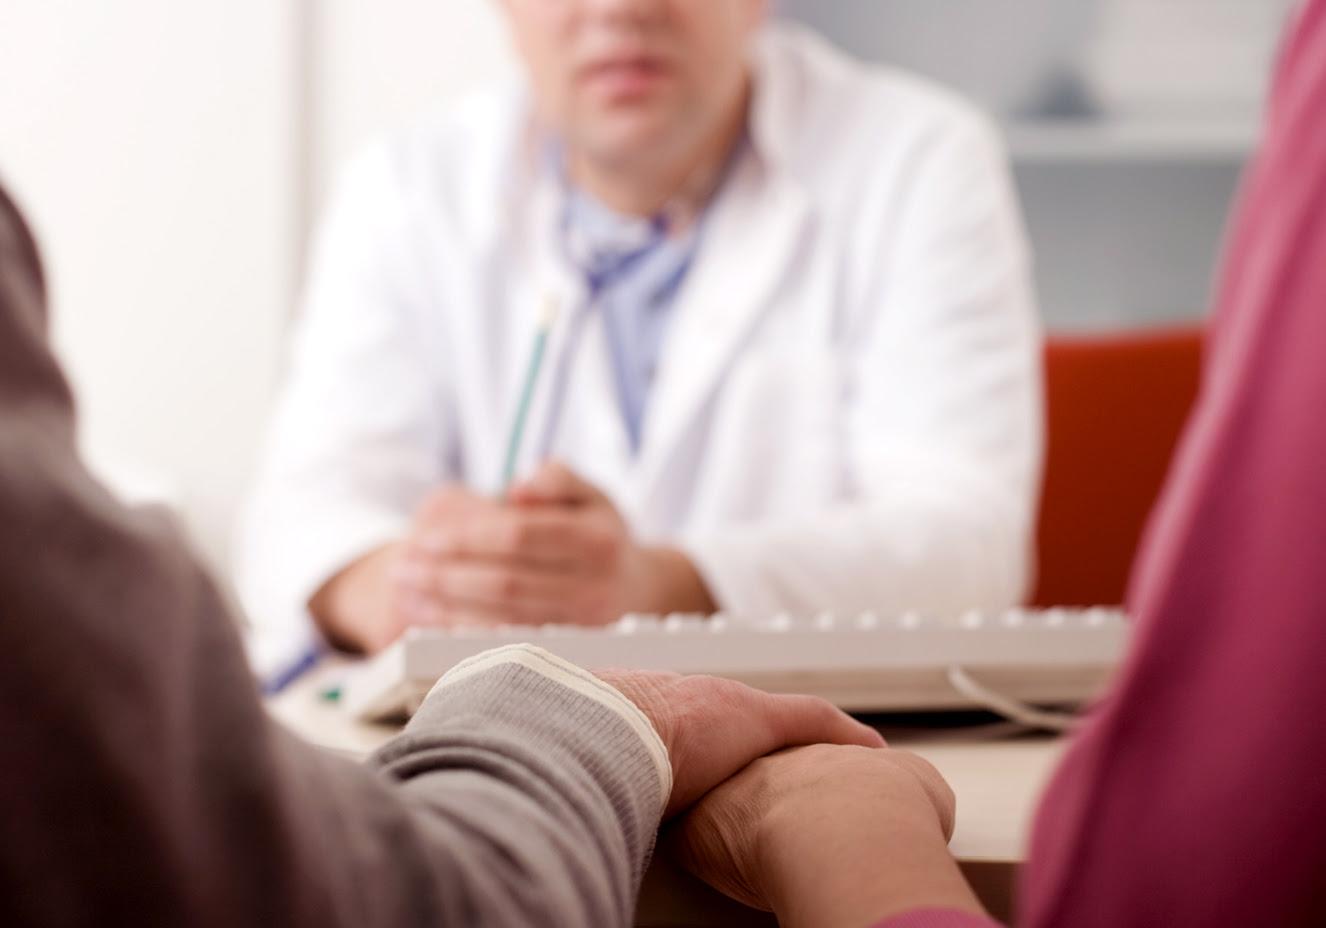 FOTO: Casal de mãos dadas, sentados em frente a um médico